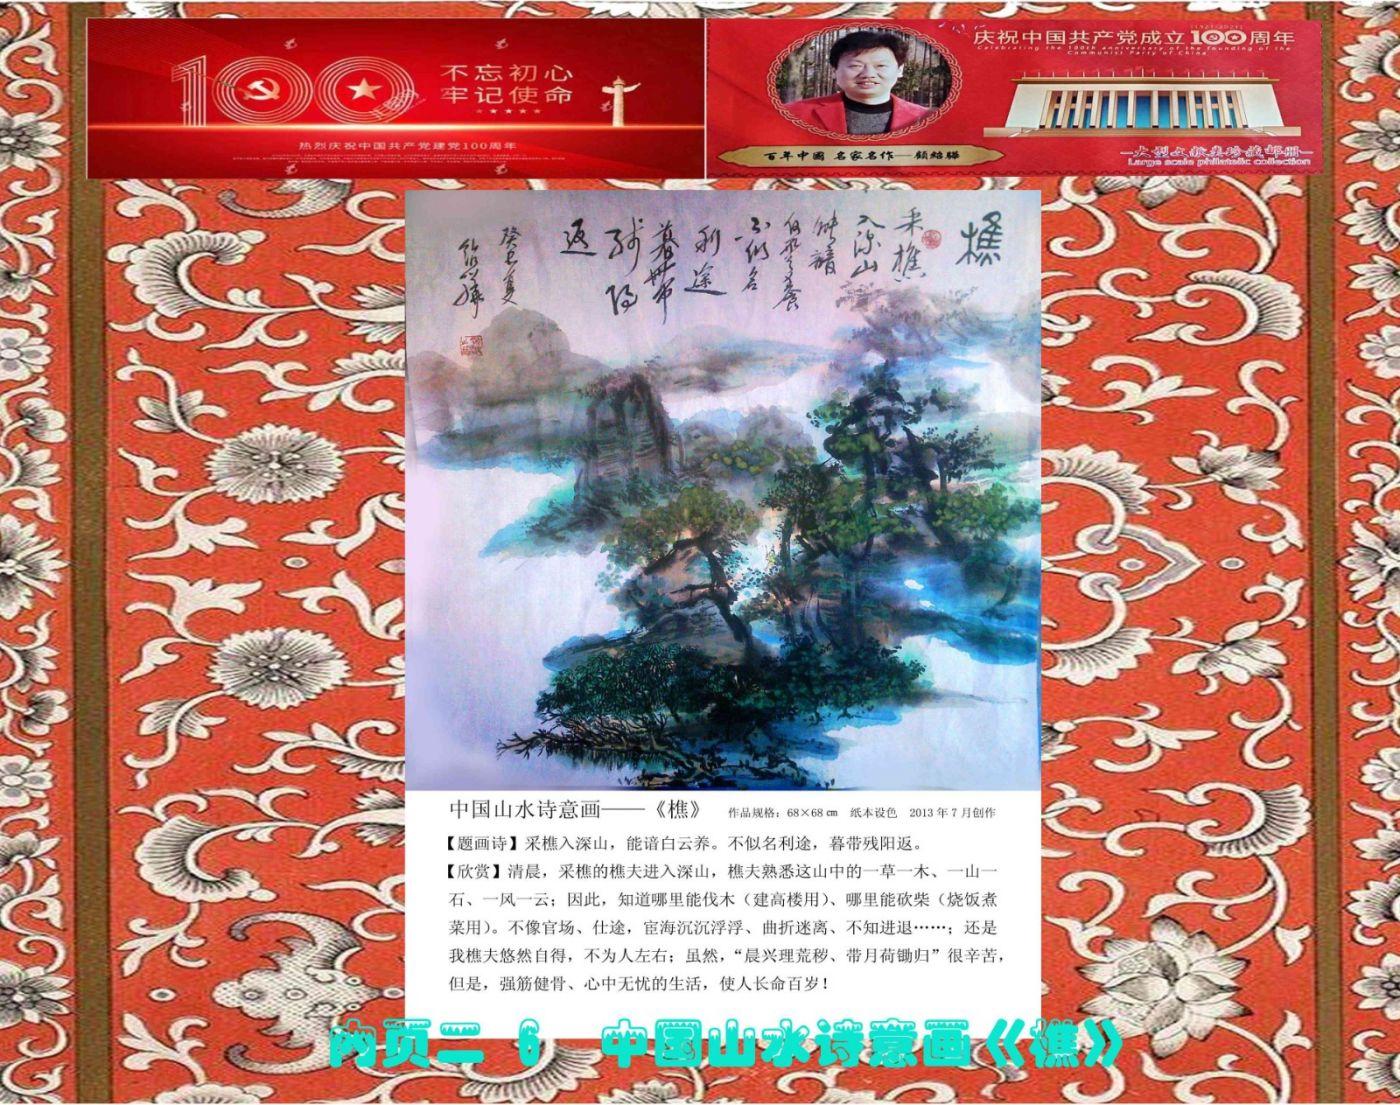 顾绍骅的诗情画意又入选《庆祝中国共产党成立100周年 百年中国名家名作》 ..._图1-12